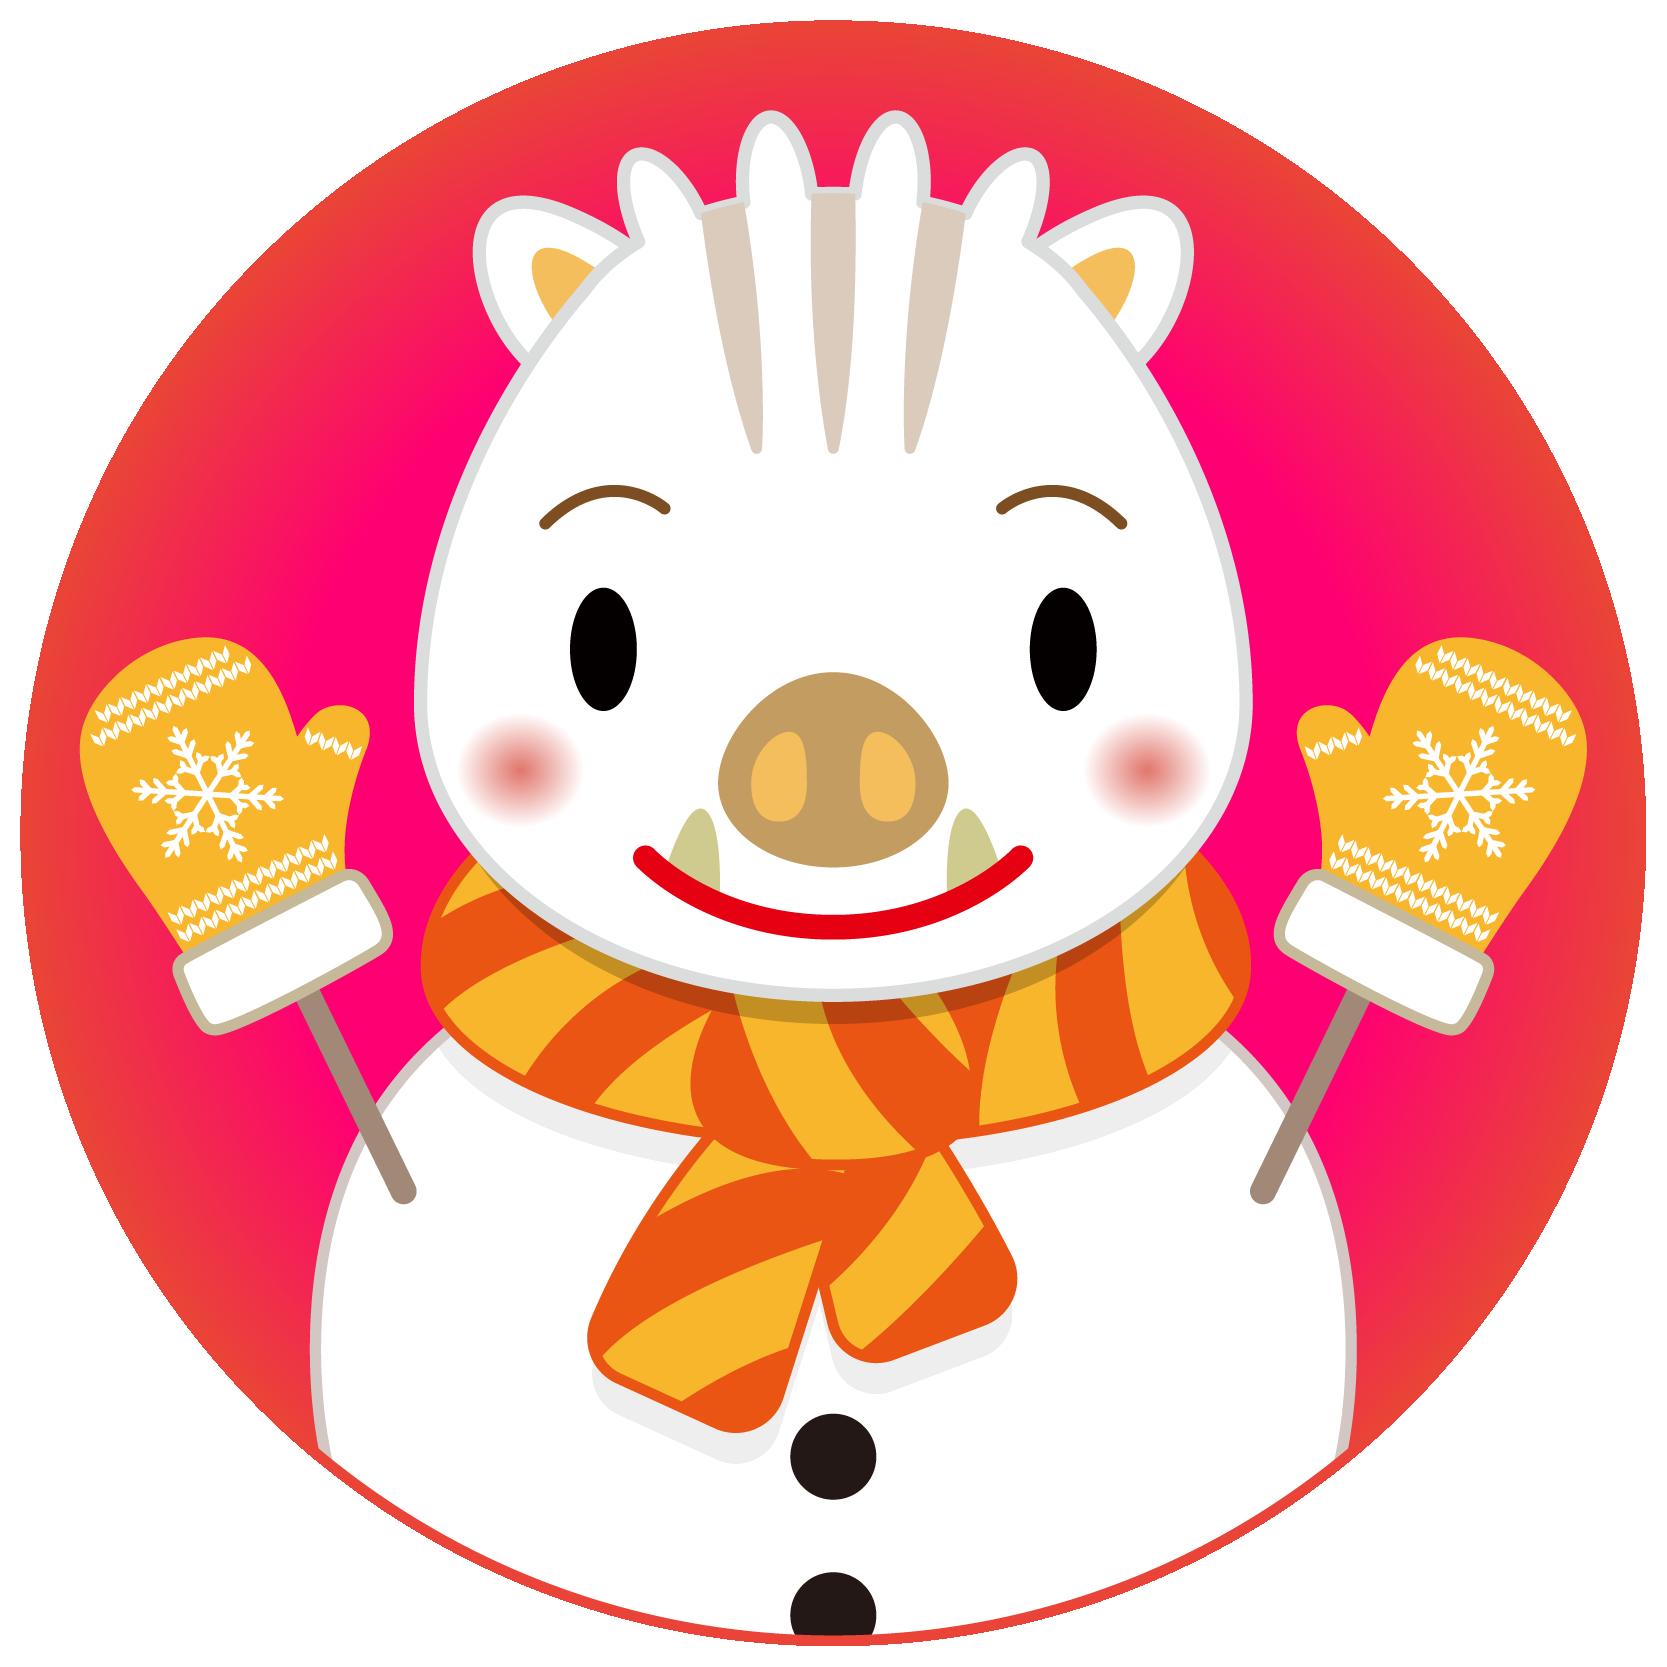 商用フリー・無料イラスト_白干支_干支いのしし(イノシシ・猪・うりぼう・ウリ坊)雪だるま_背景赤